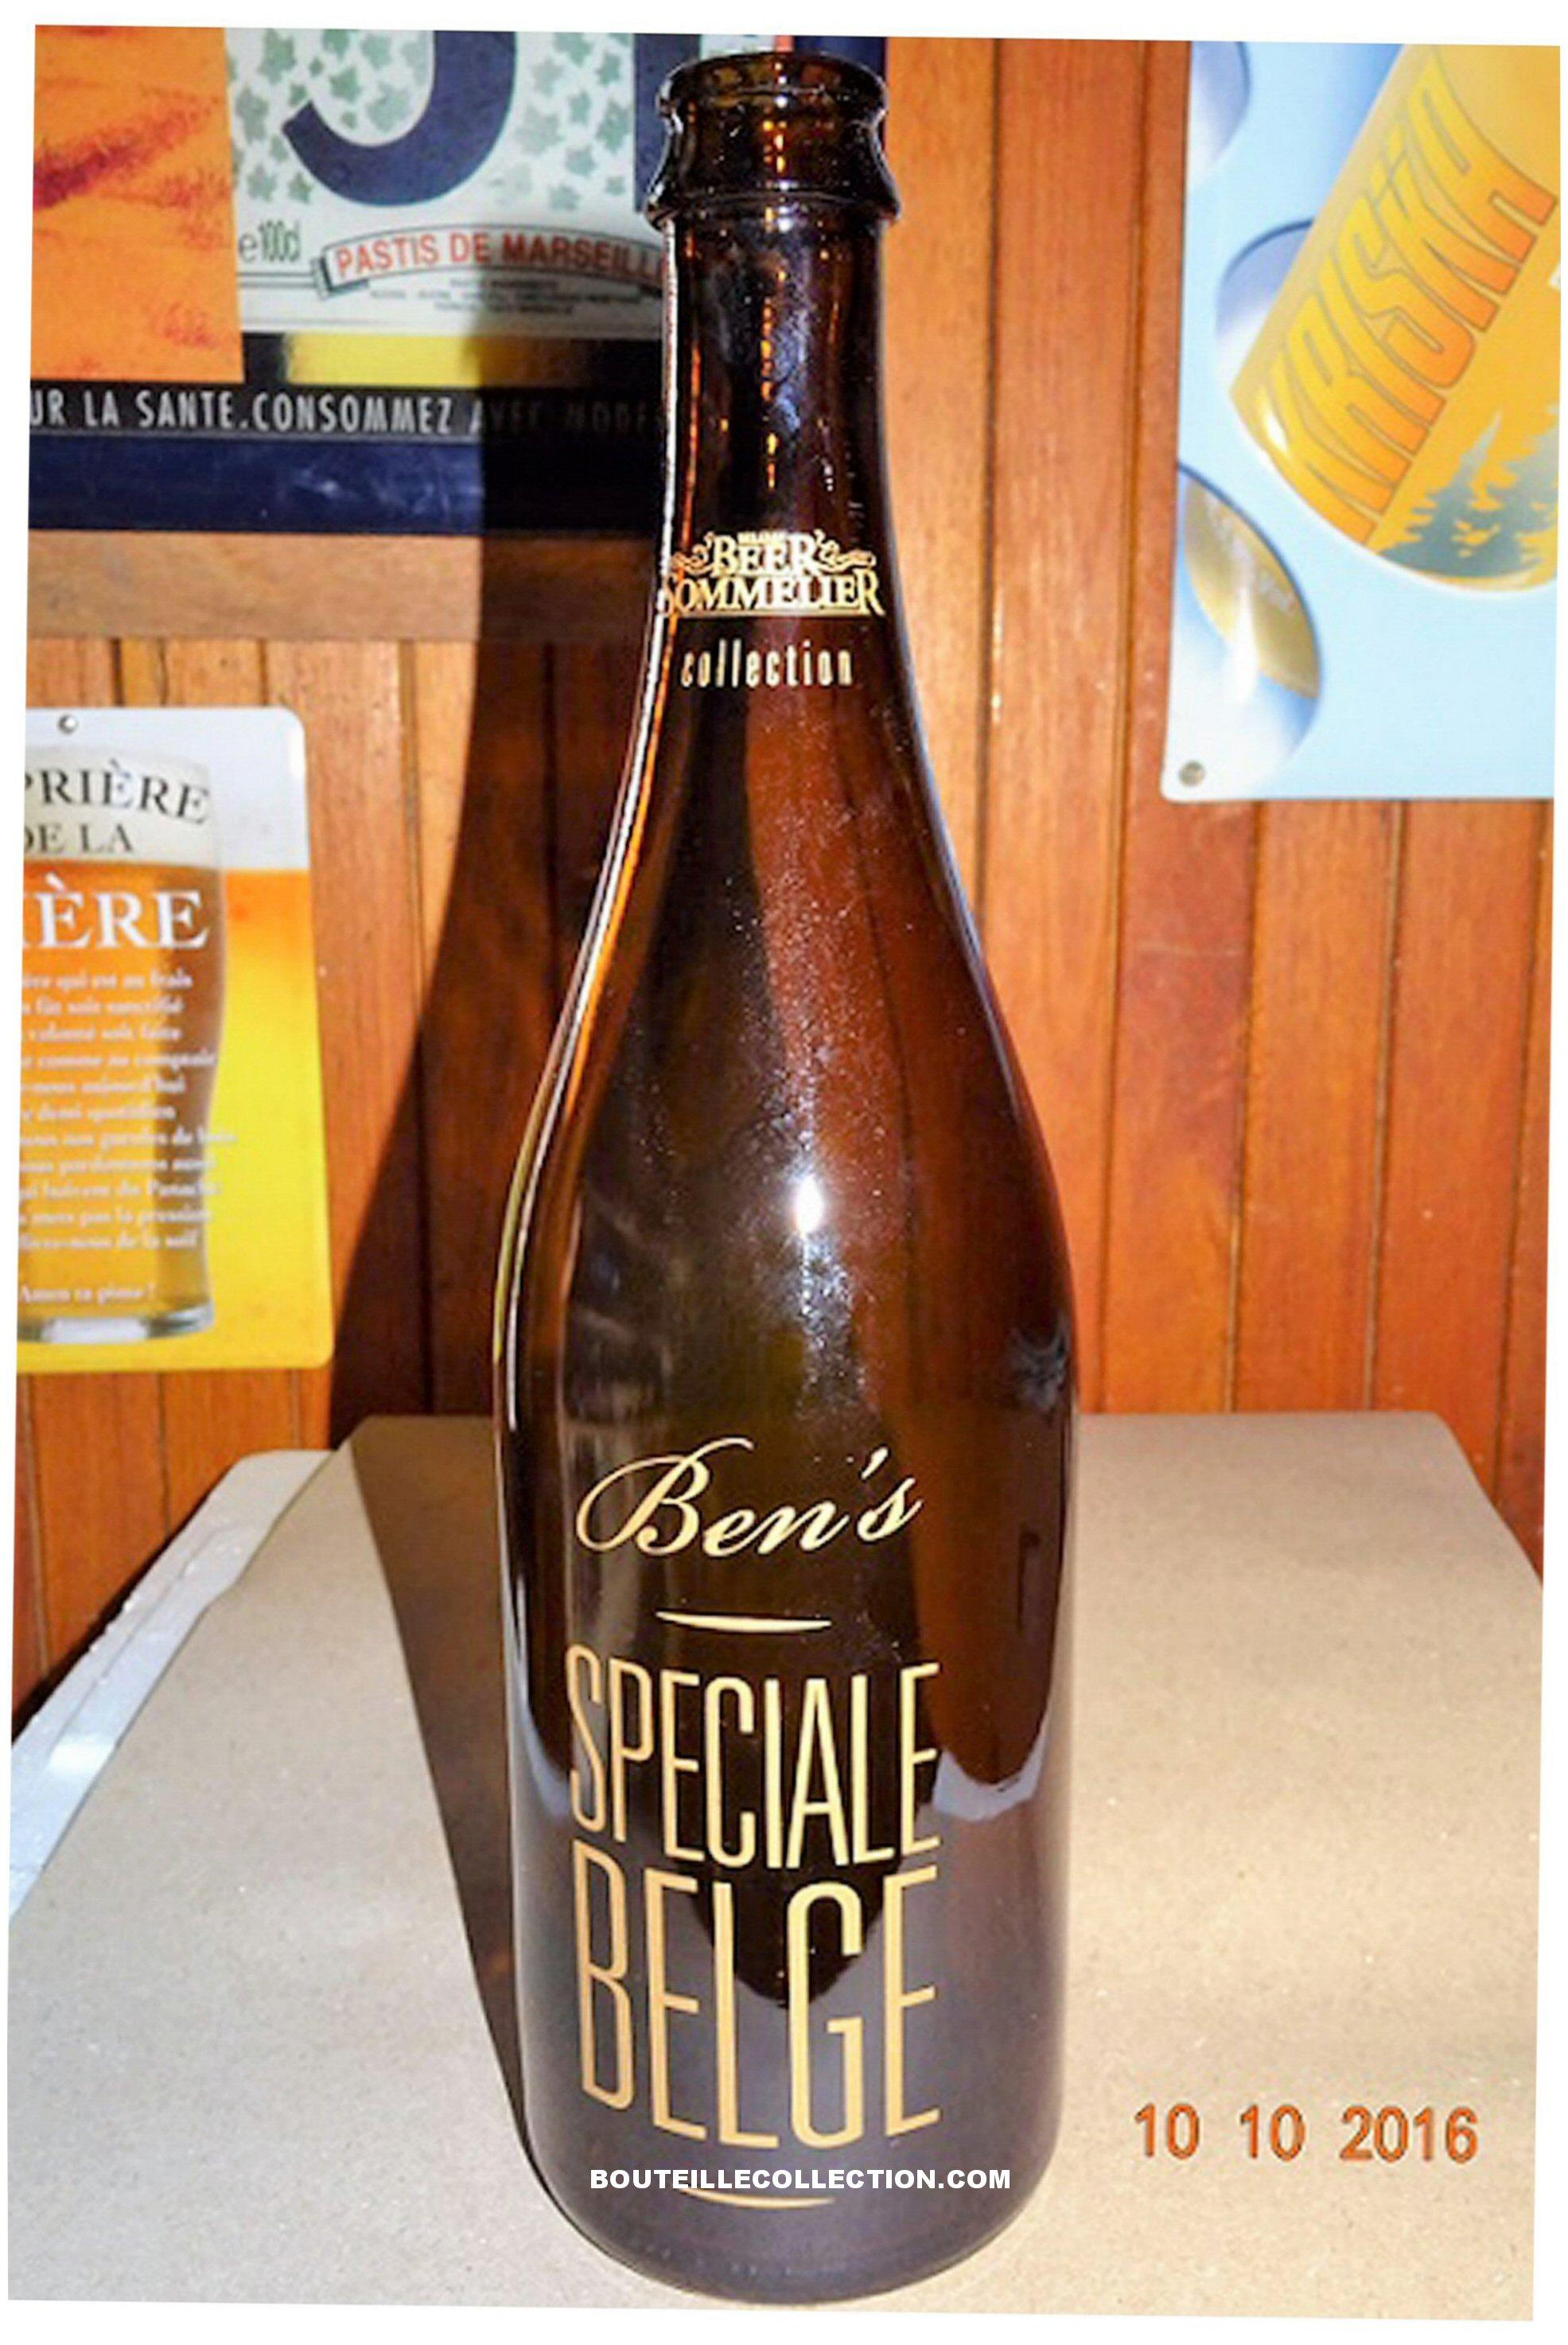 BEER SOMMELIER SPECIALE BELGE 75CL B OK .jpg